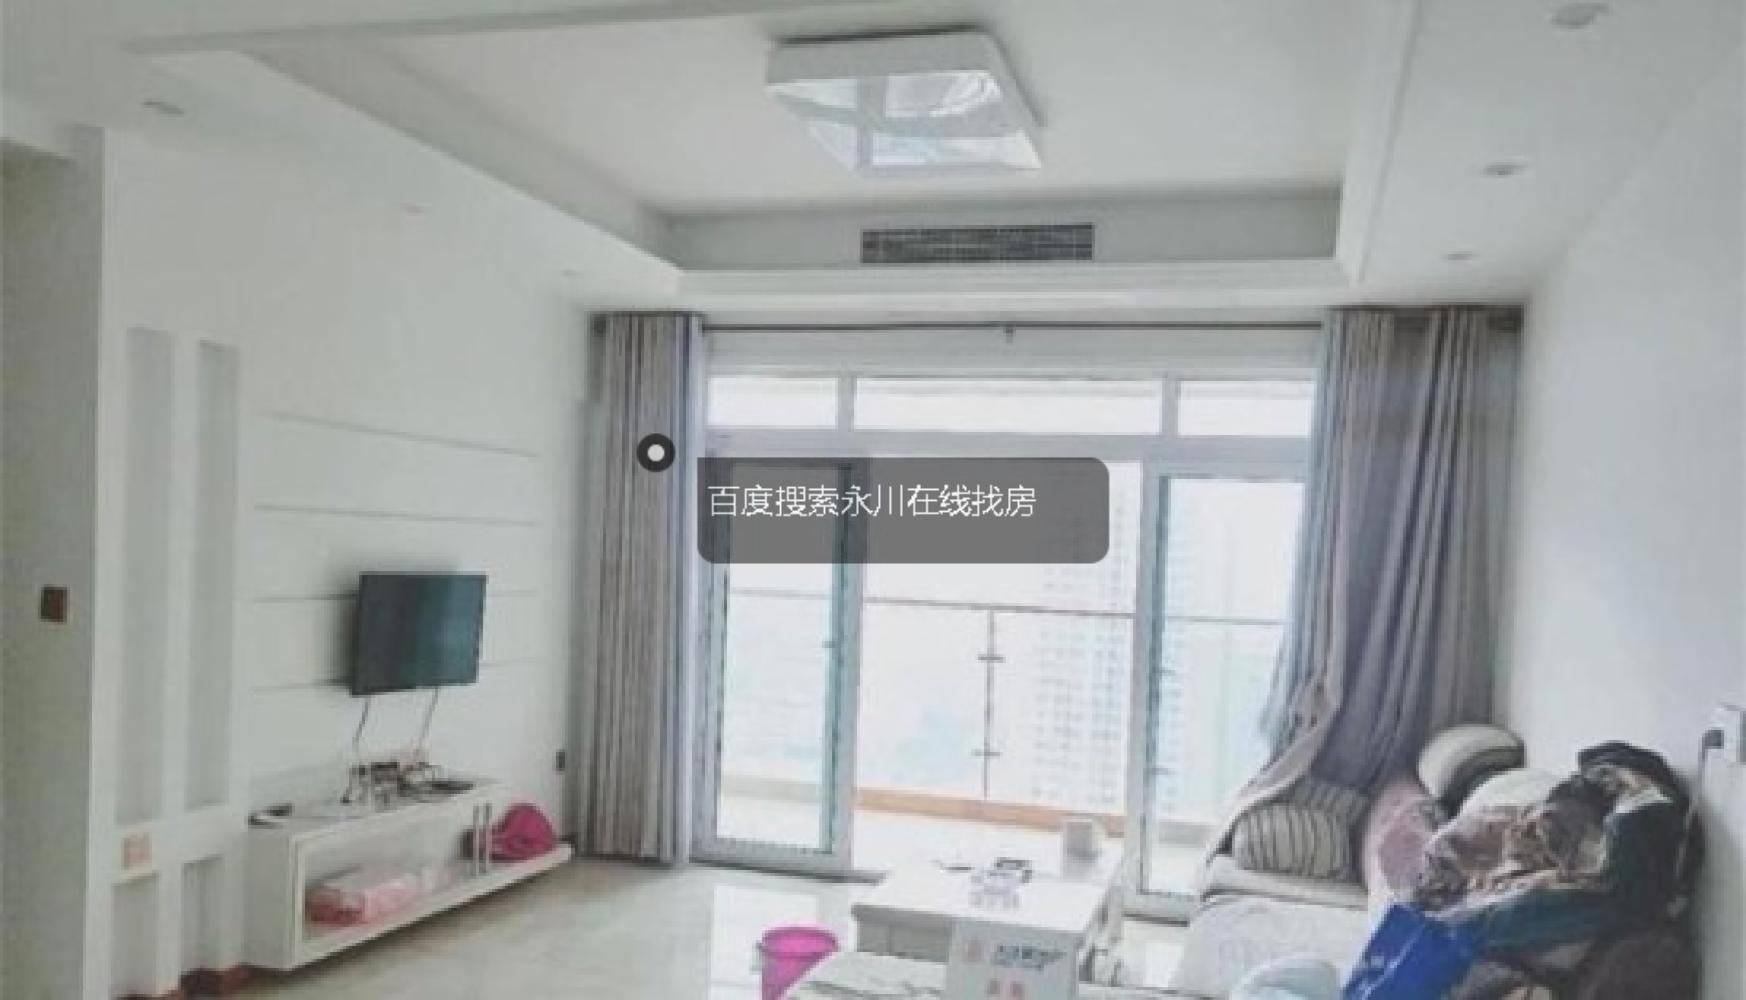 兴龙湖正规三室豪华装修品牌家具家电拎包入住